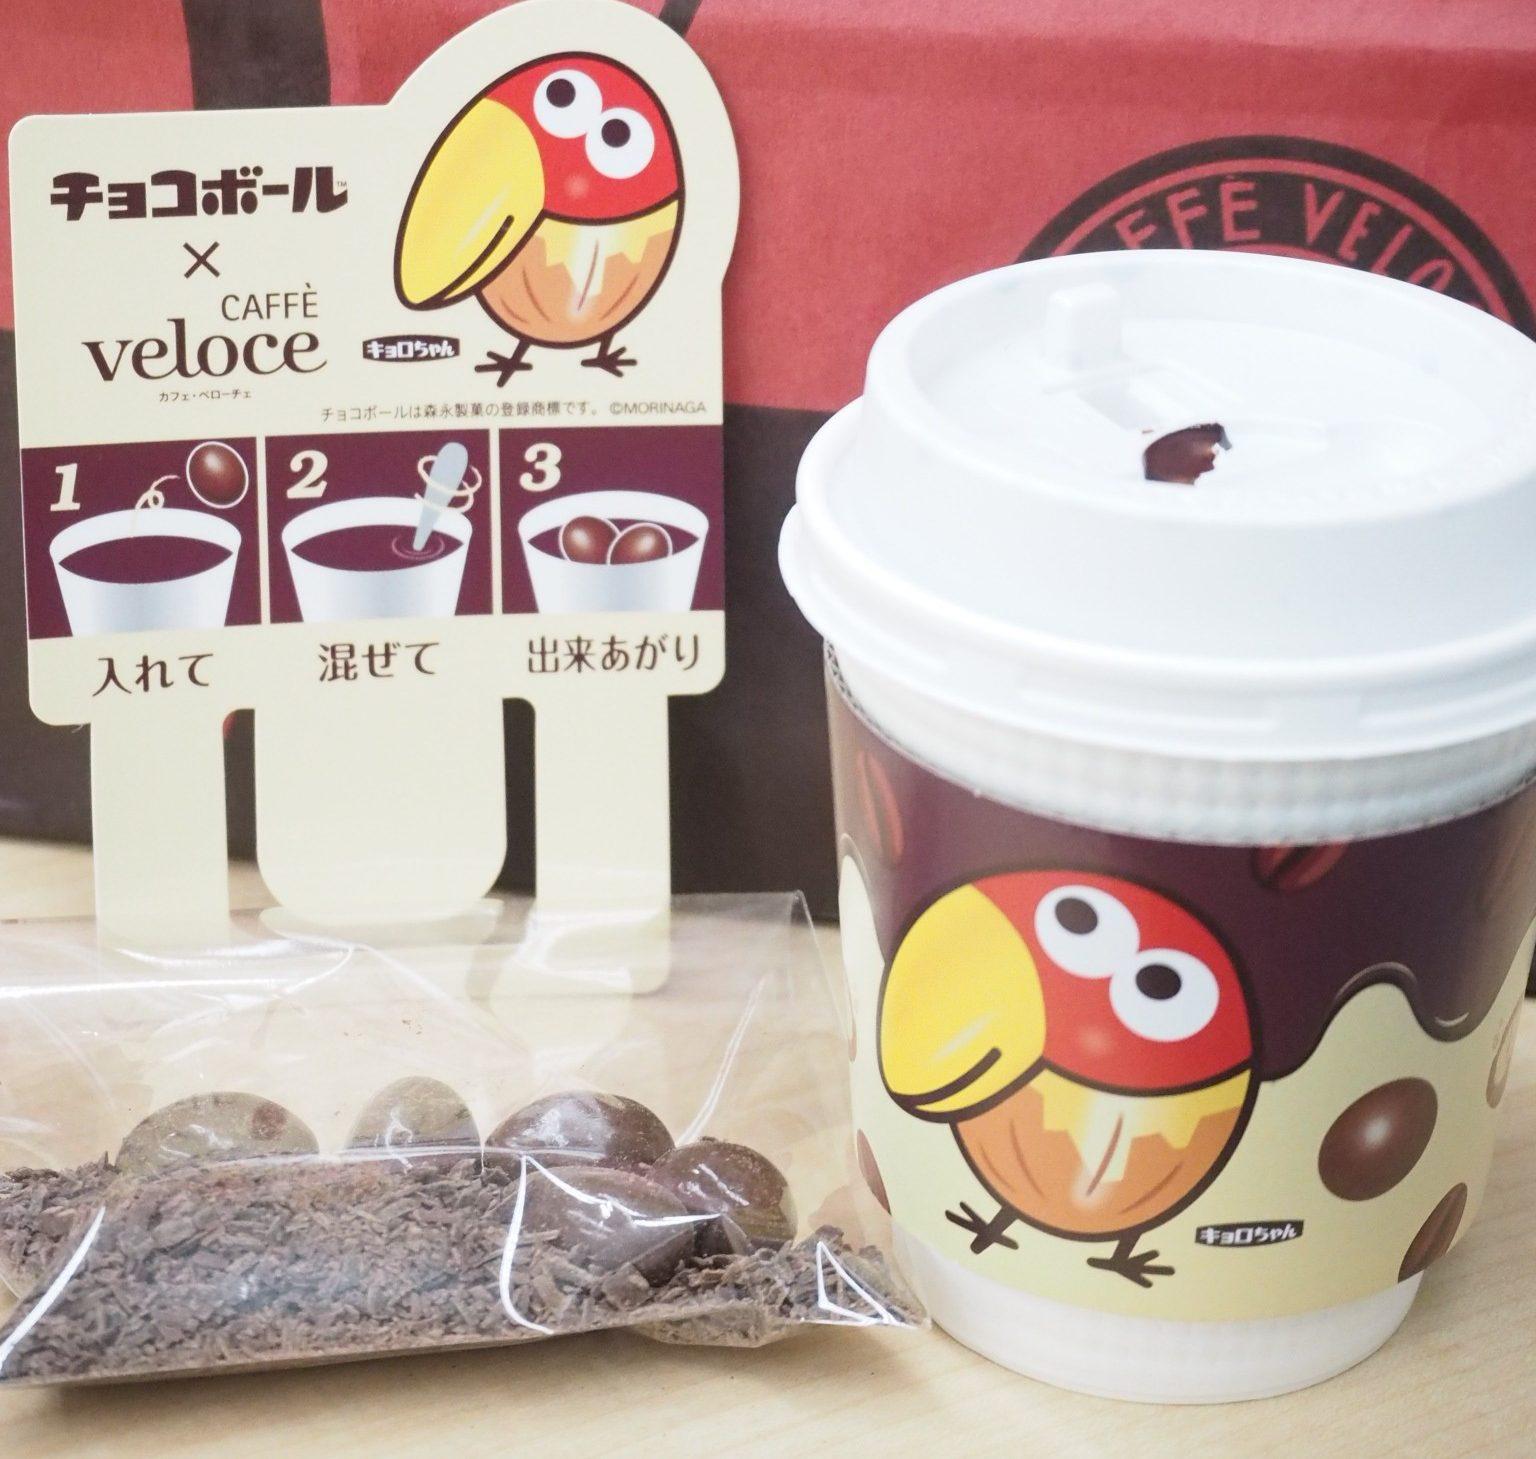 【ベローチェ】が森永チョコボールとコラボしたホットチョコレート♪